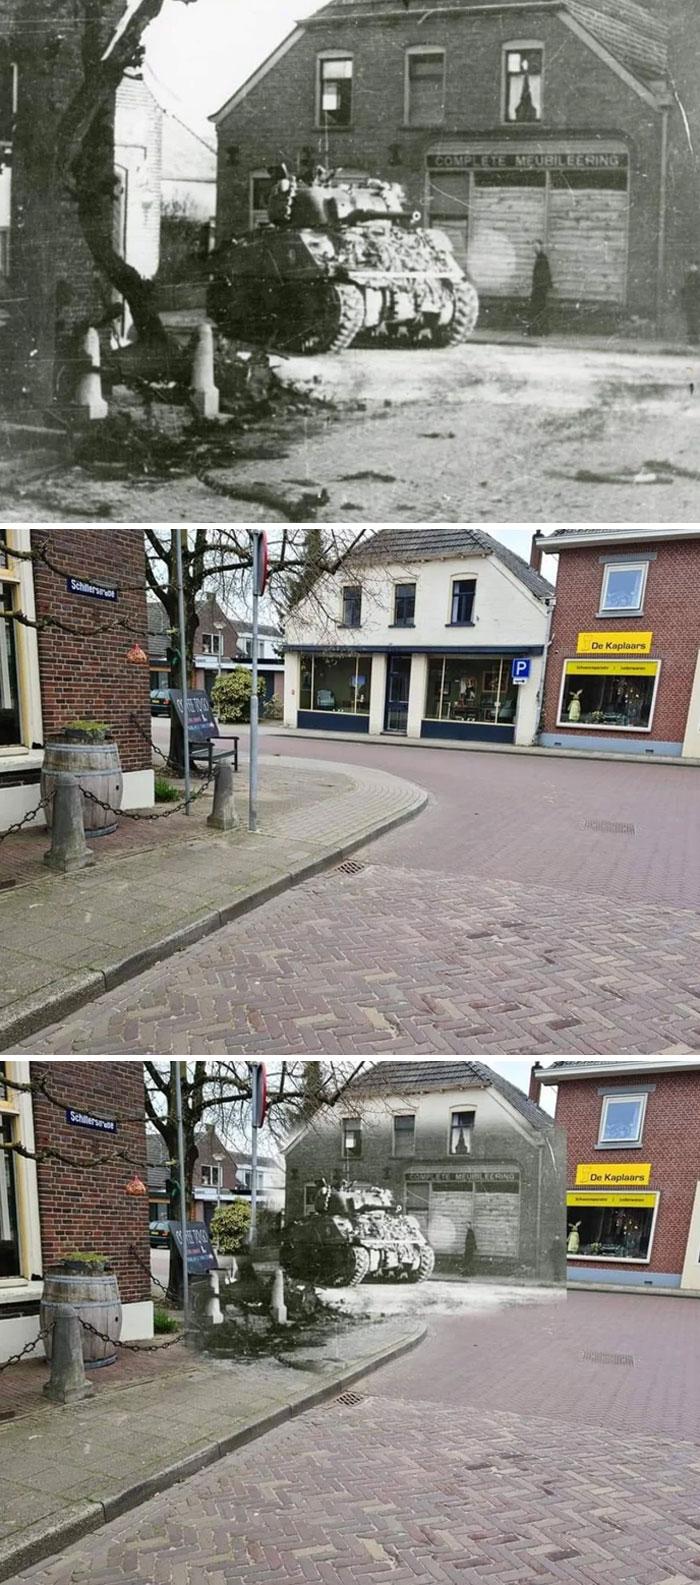 Tanque inglês em 1945 e a mesma rua em 2021